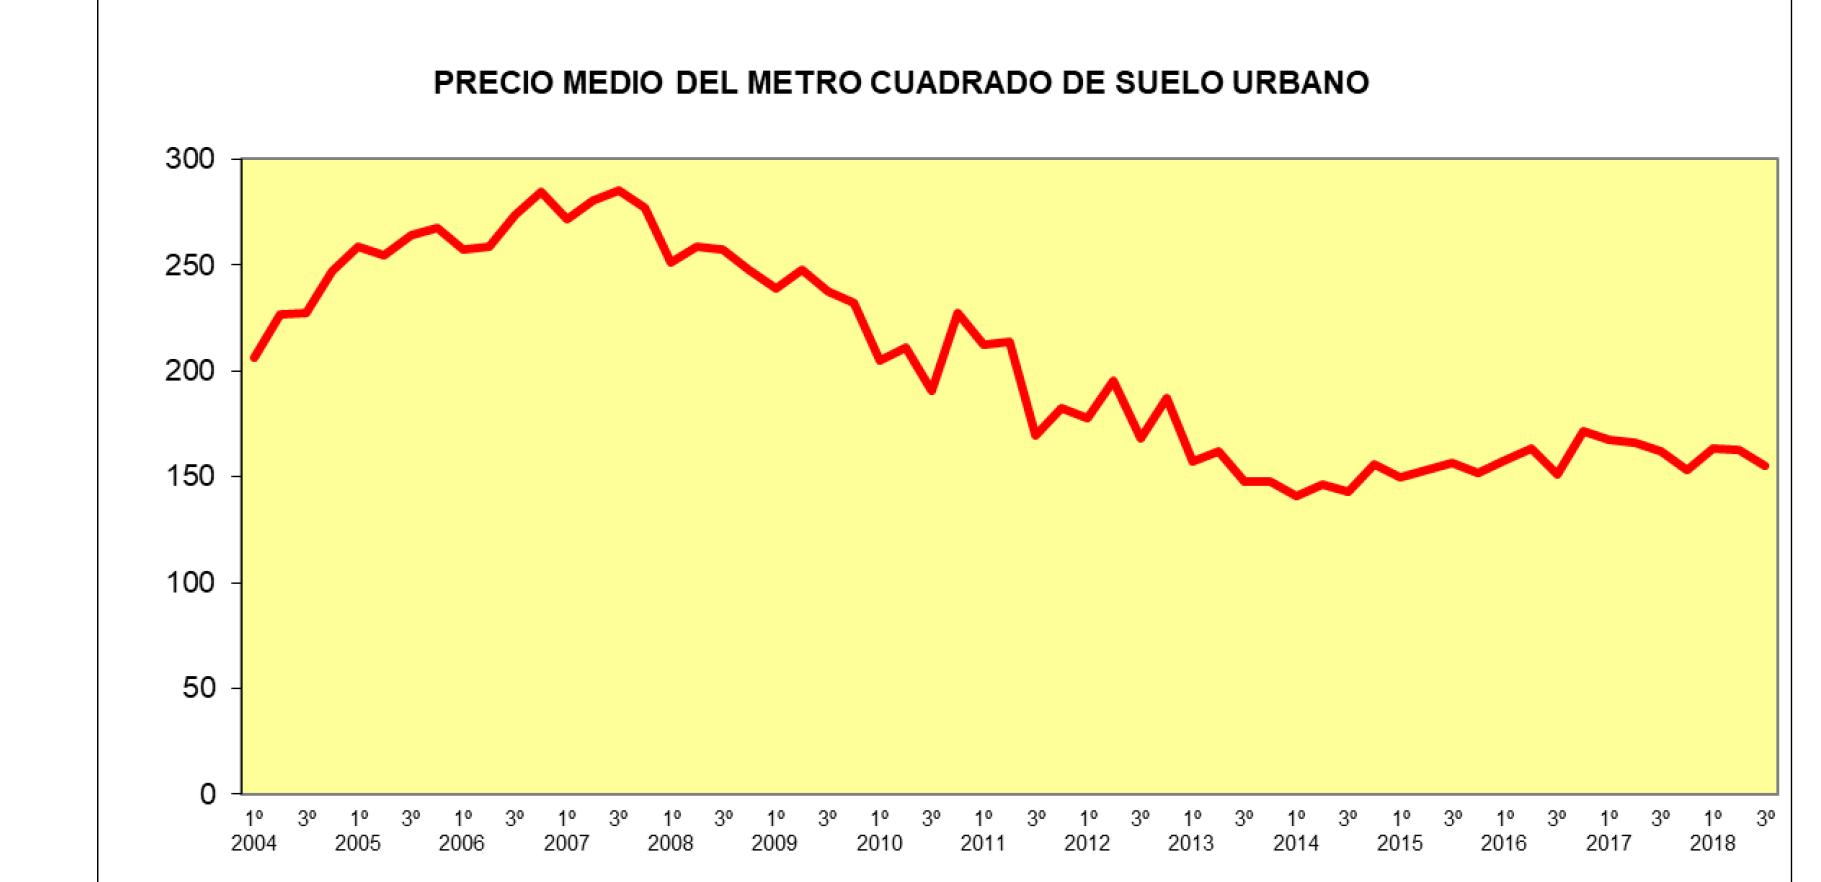 El precio medio del suelo urbano ha decaído un 4,3% en el tercer trimestre de 2018 en tasa interanual